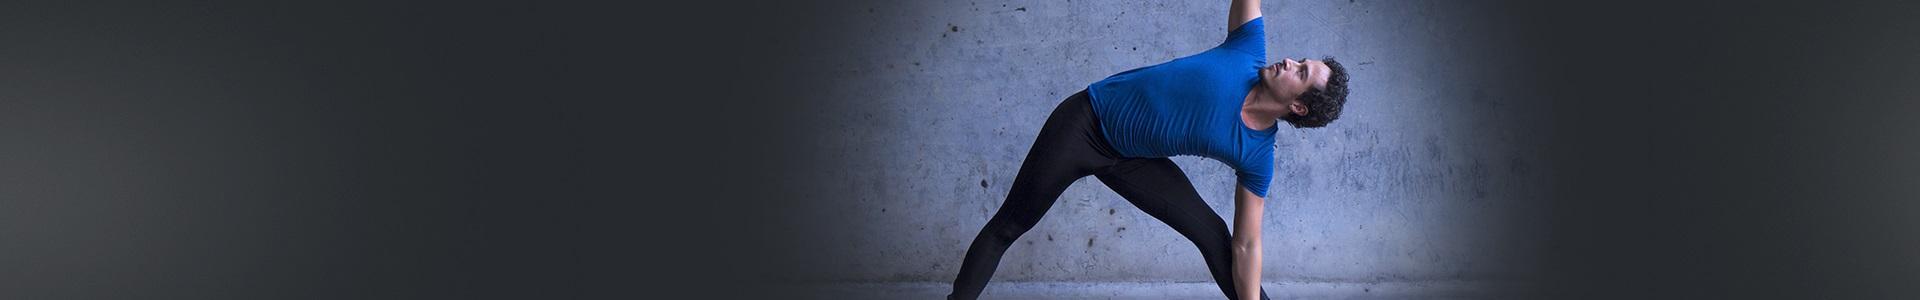 健身房全身肌肉强化训练-初级(4练/周)